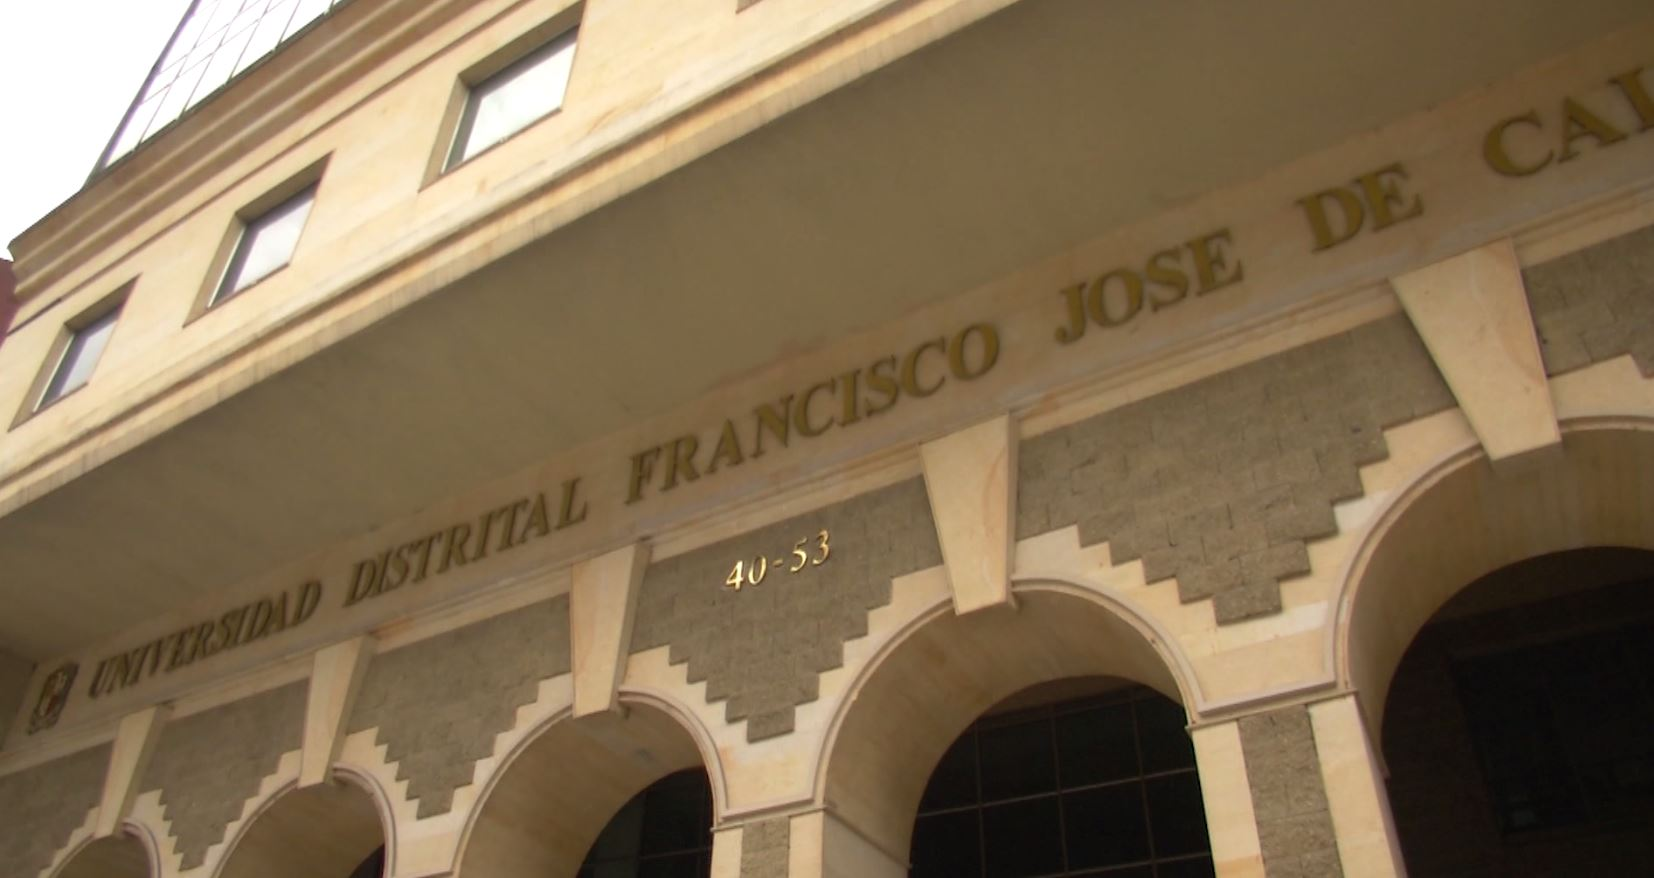 Exdirectivo de la Distrital entregará en Fiscalía nueva lista de supuestos implicados en corrupción